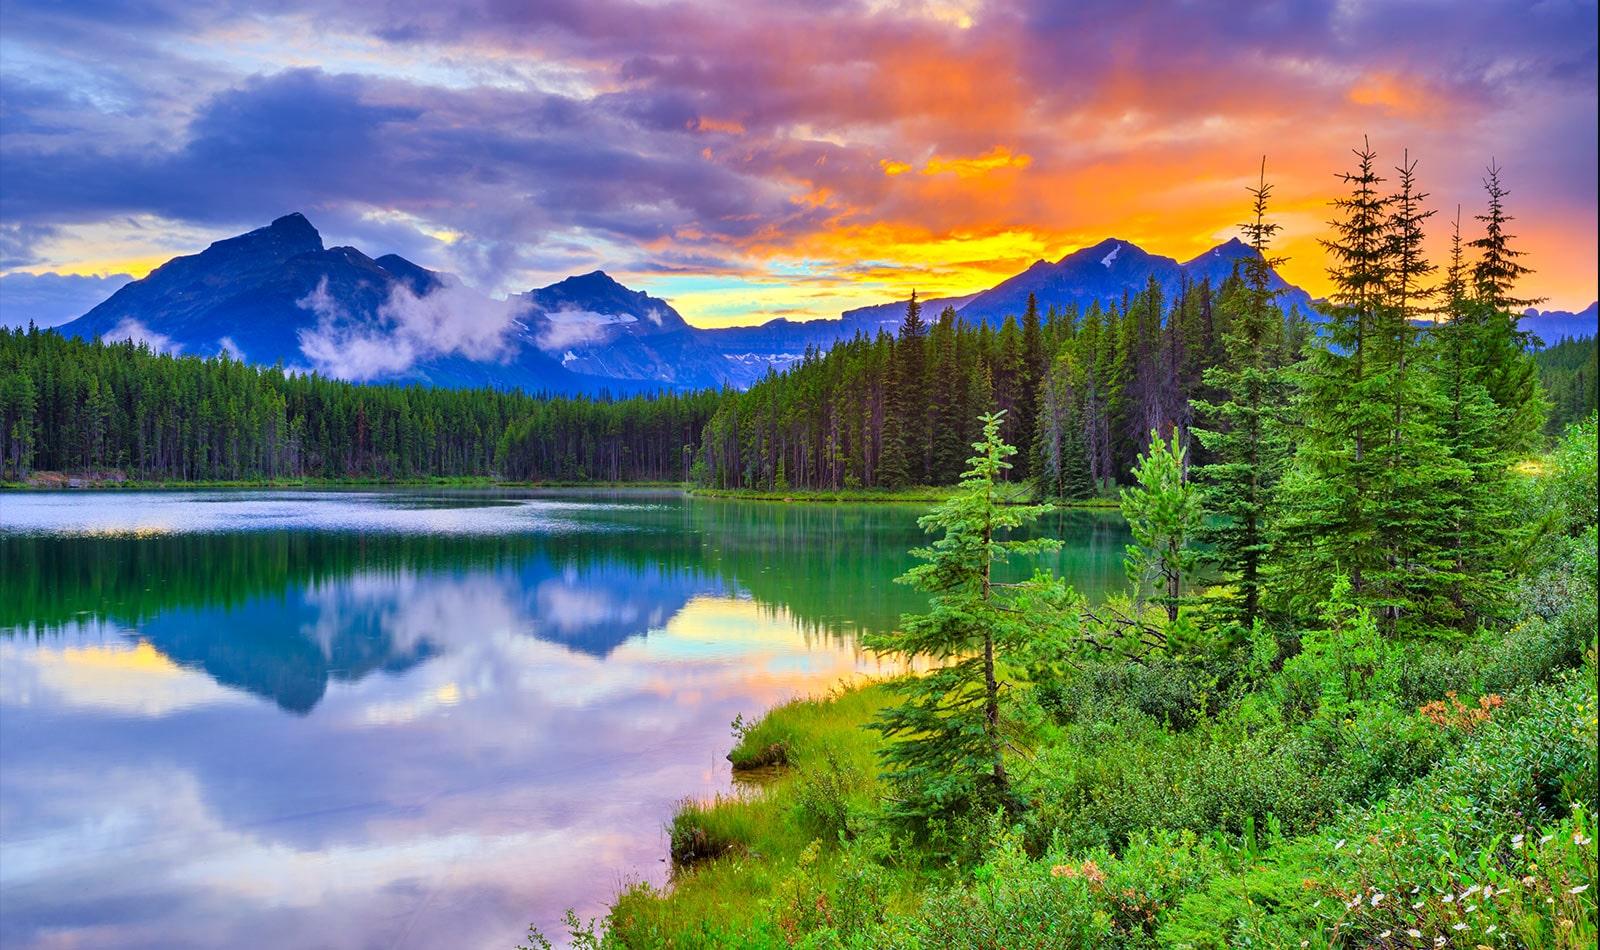 Esta tarjeta describe la calidad de la imagen. Es una imagen de una colorida puesta de sol en un lago rodeado de bosques.